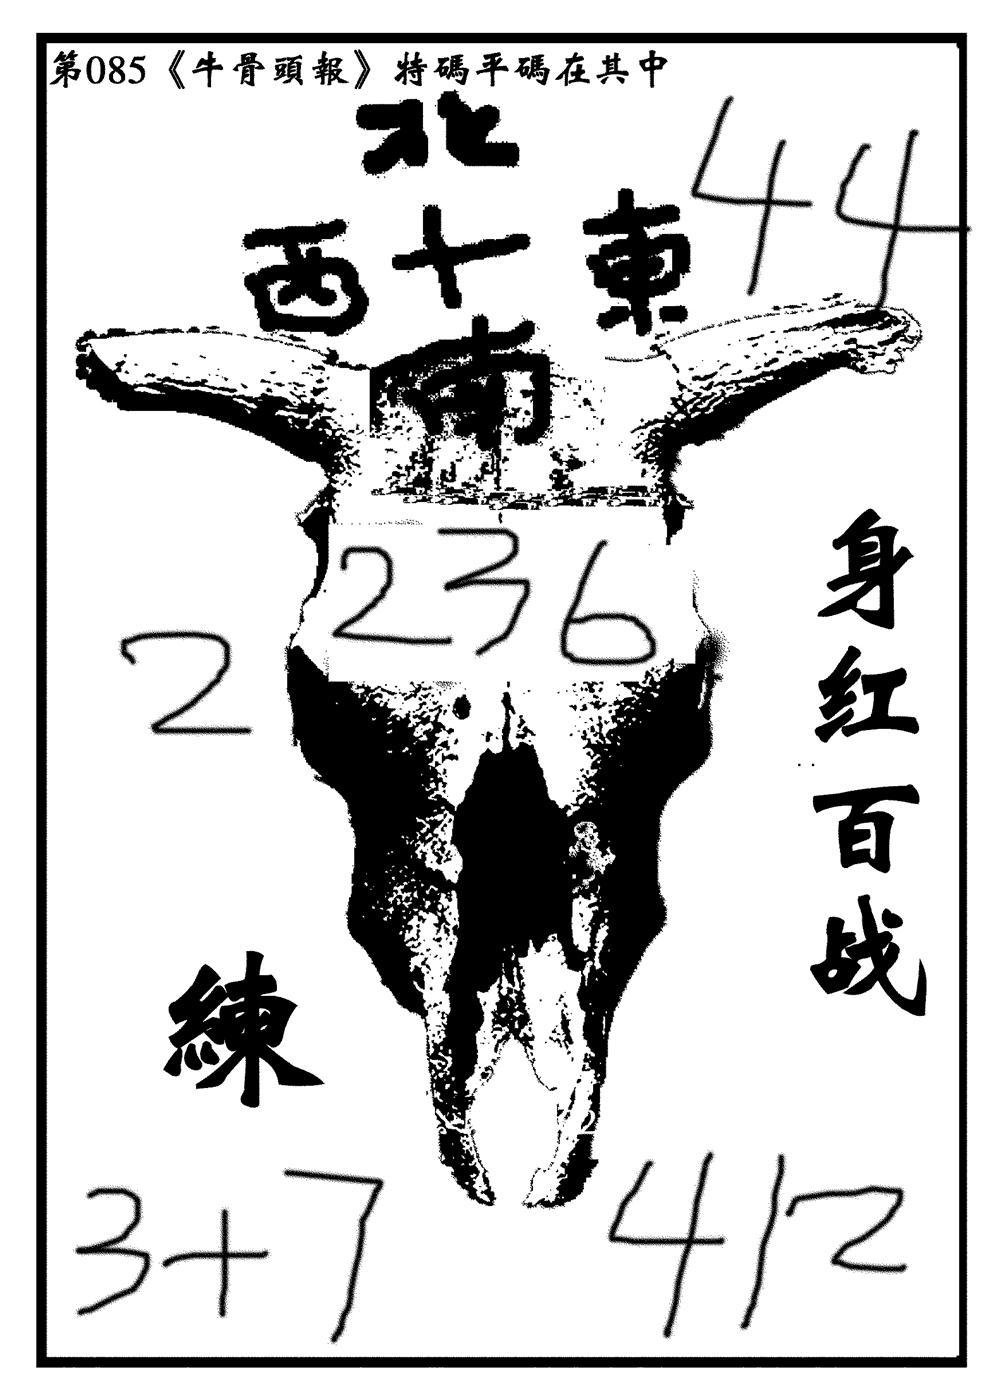 085期牛头报(黑白)